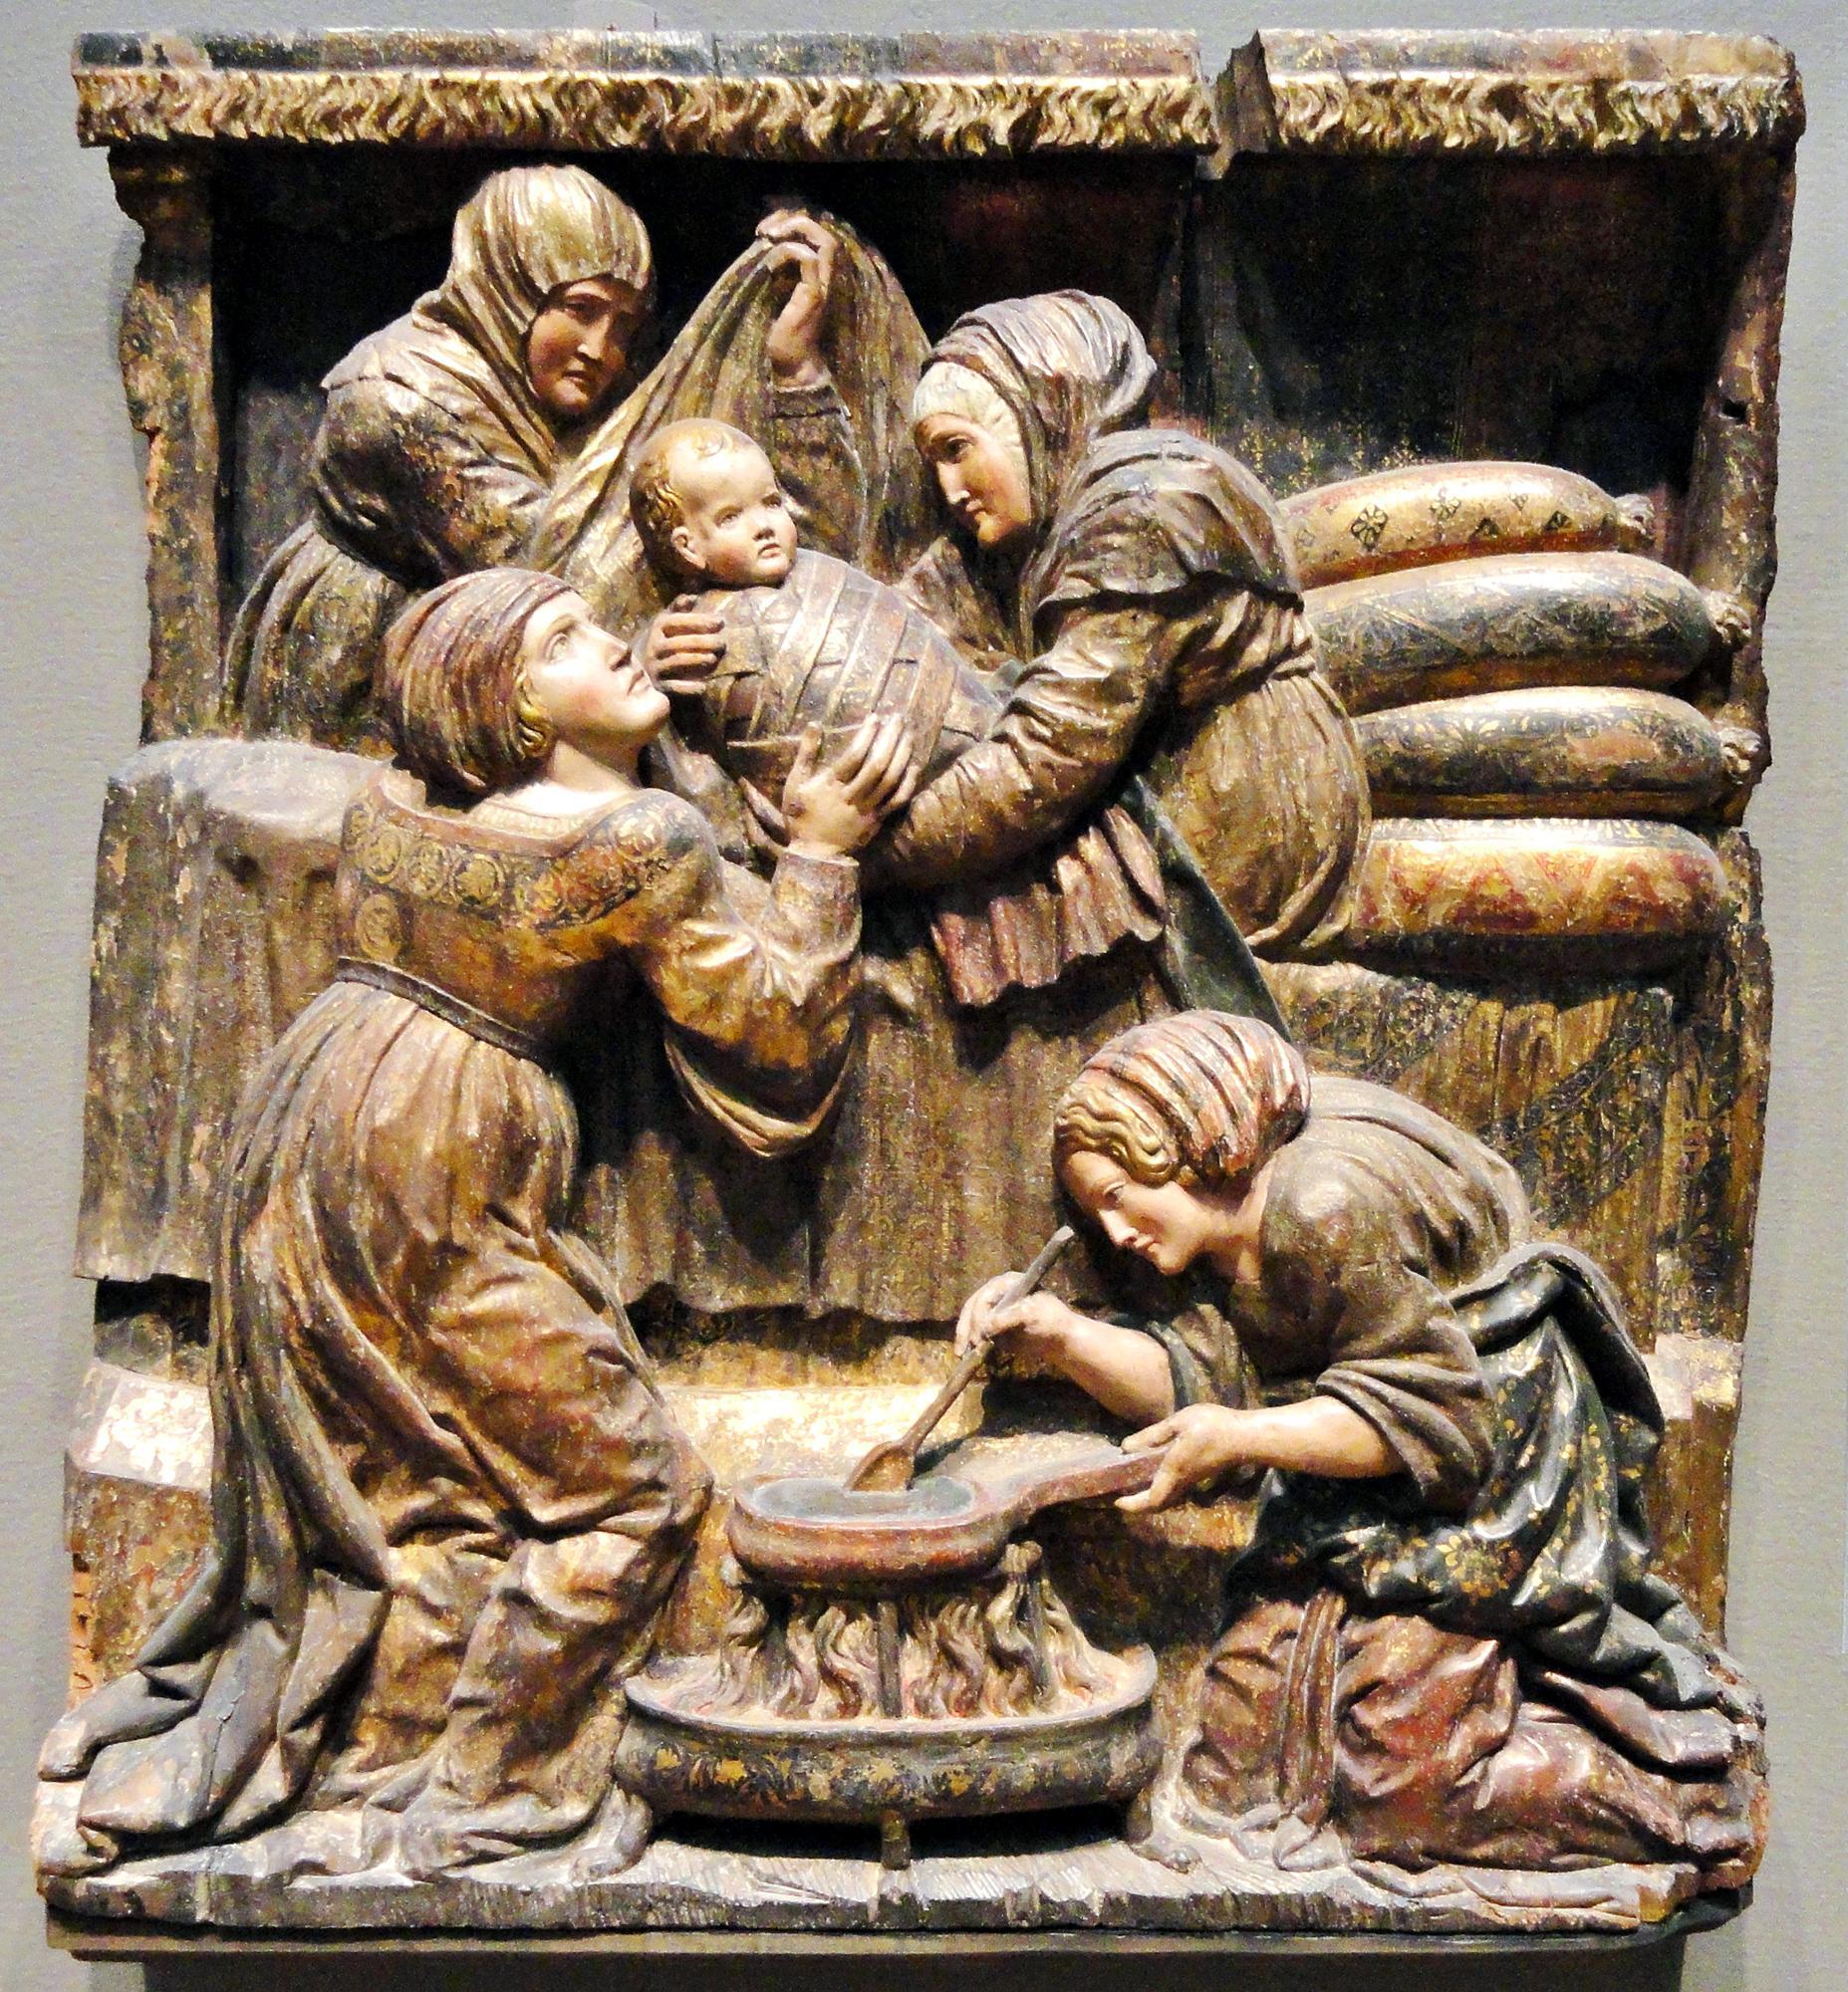 La Nascita di San Giovanni Battista, 1525 ca. Art Institute of Chicago.